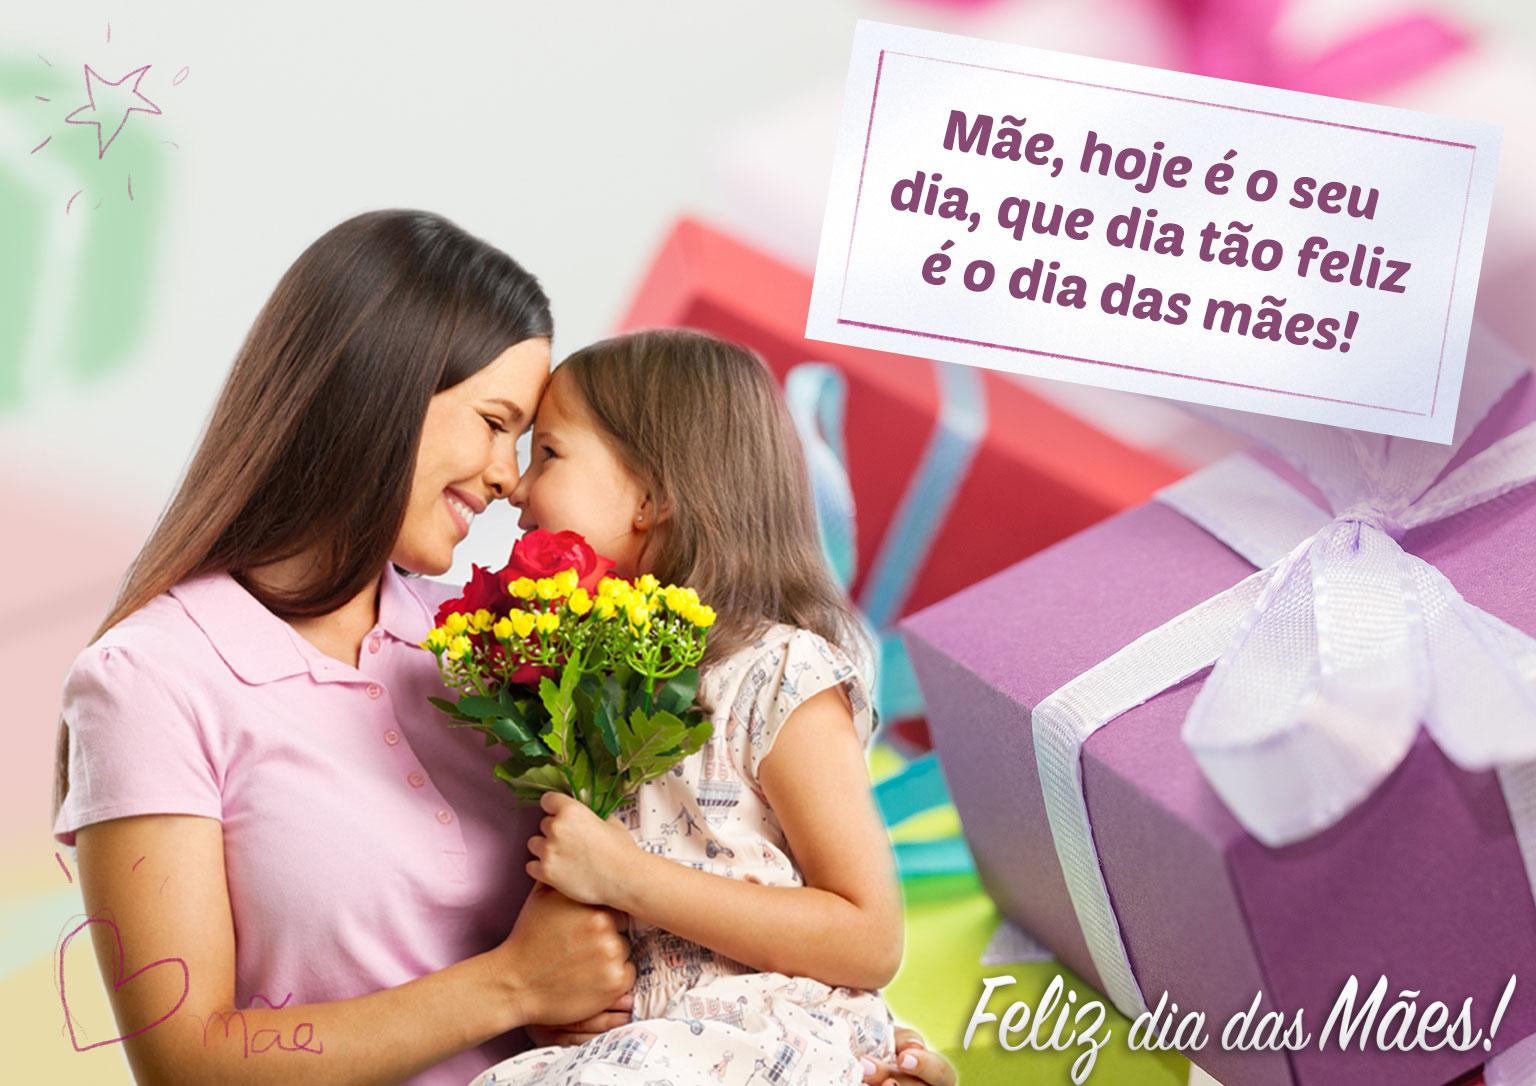 Mãe hoje é o seu dia que dia tão feliz